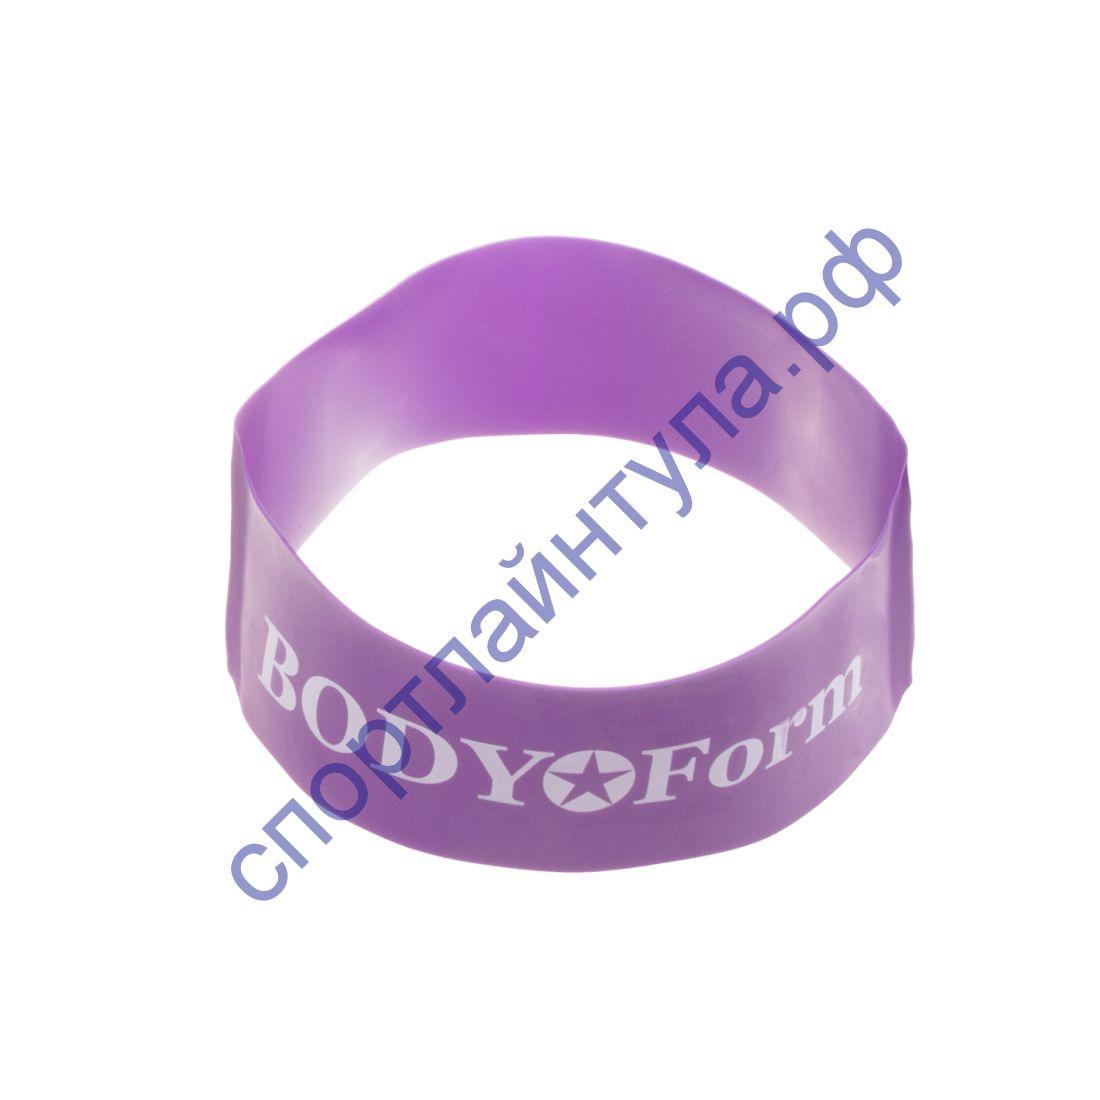 Петля BF-RL70-46 cм фиолетовая